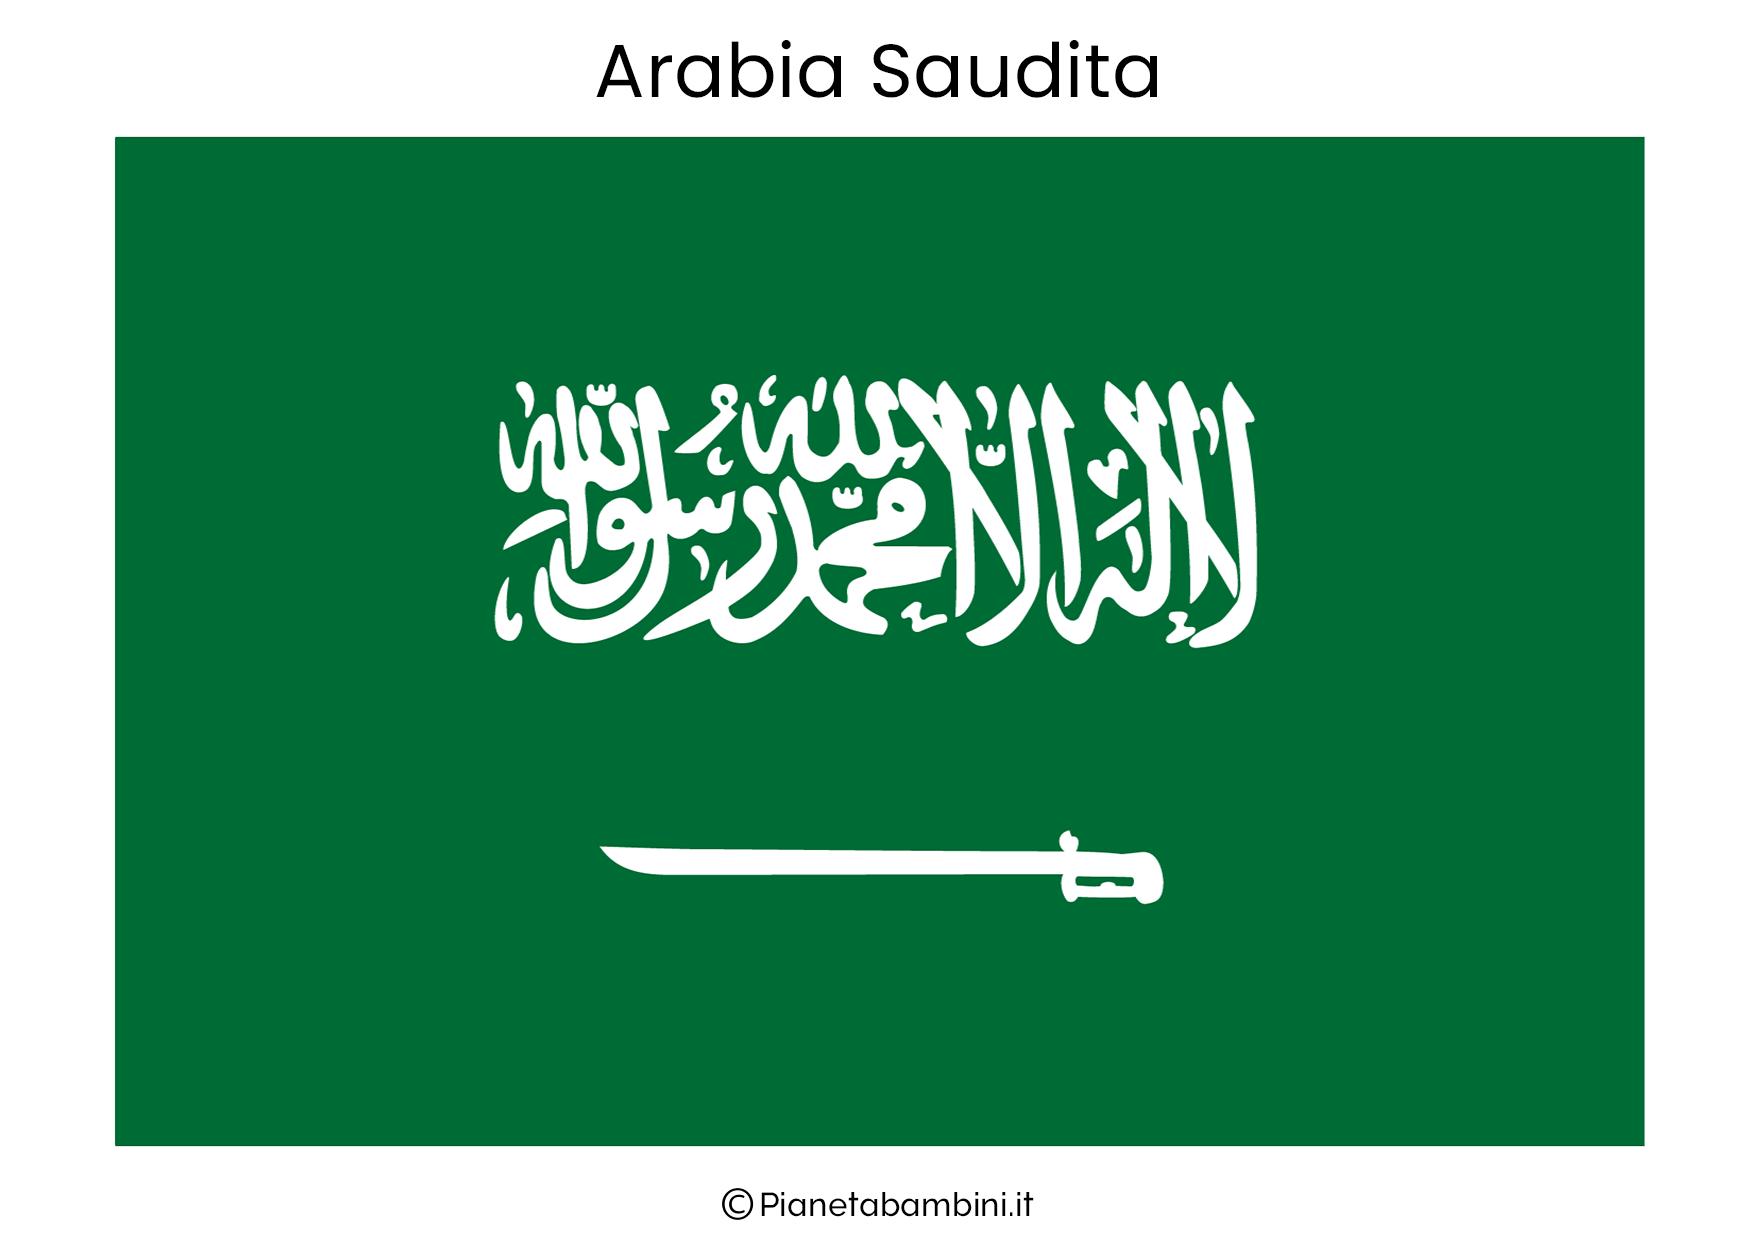 Bandiera dell'Arabia Saudita da stampare